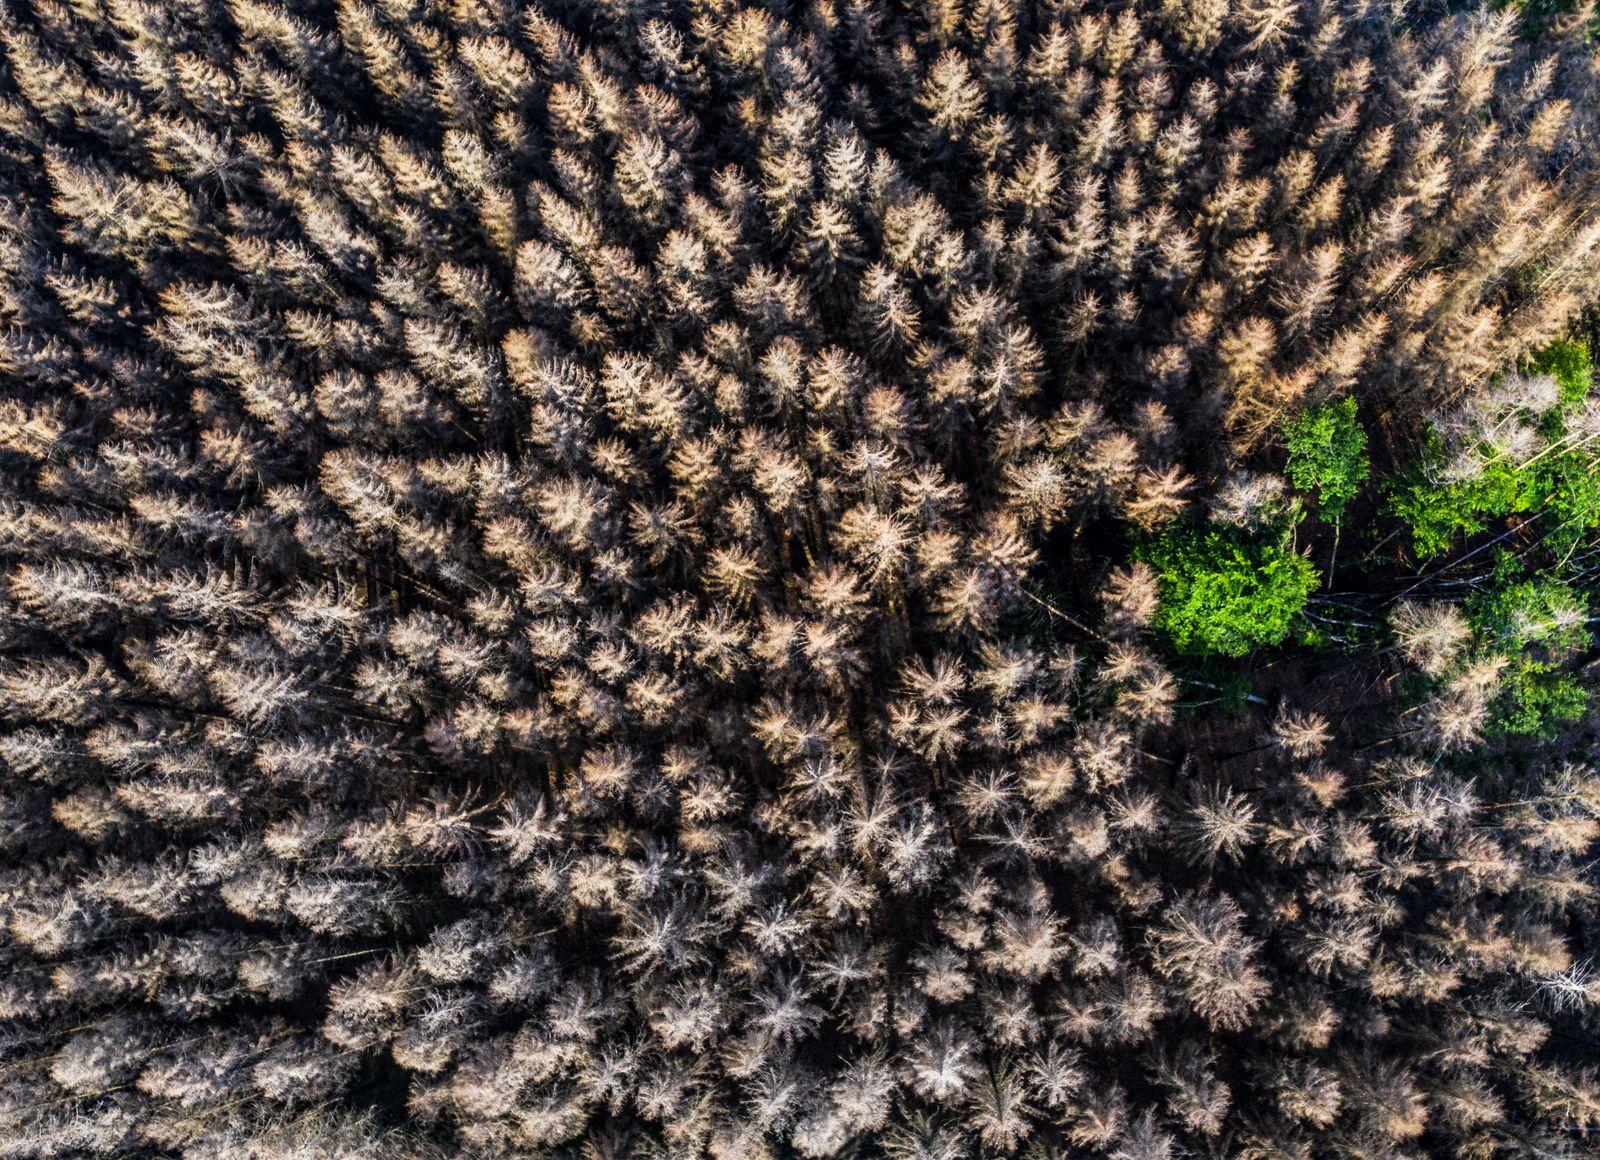 Waldsterben im Naturpark Arnsberger Wald, ¸ber 70 Prozent der Fichten B‰ume sind tot oder erkrankt, besch‰digt, meist du